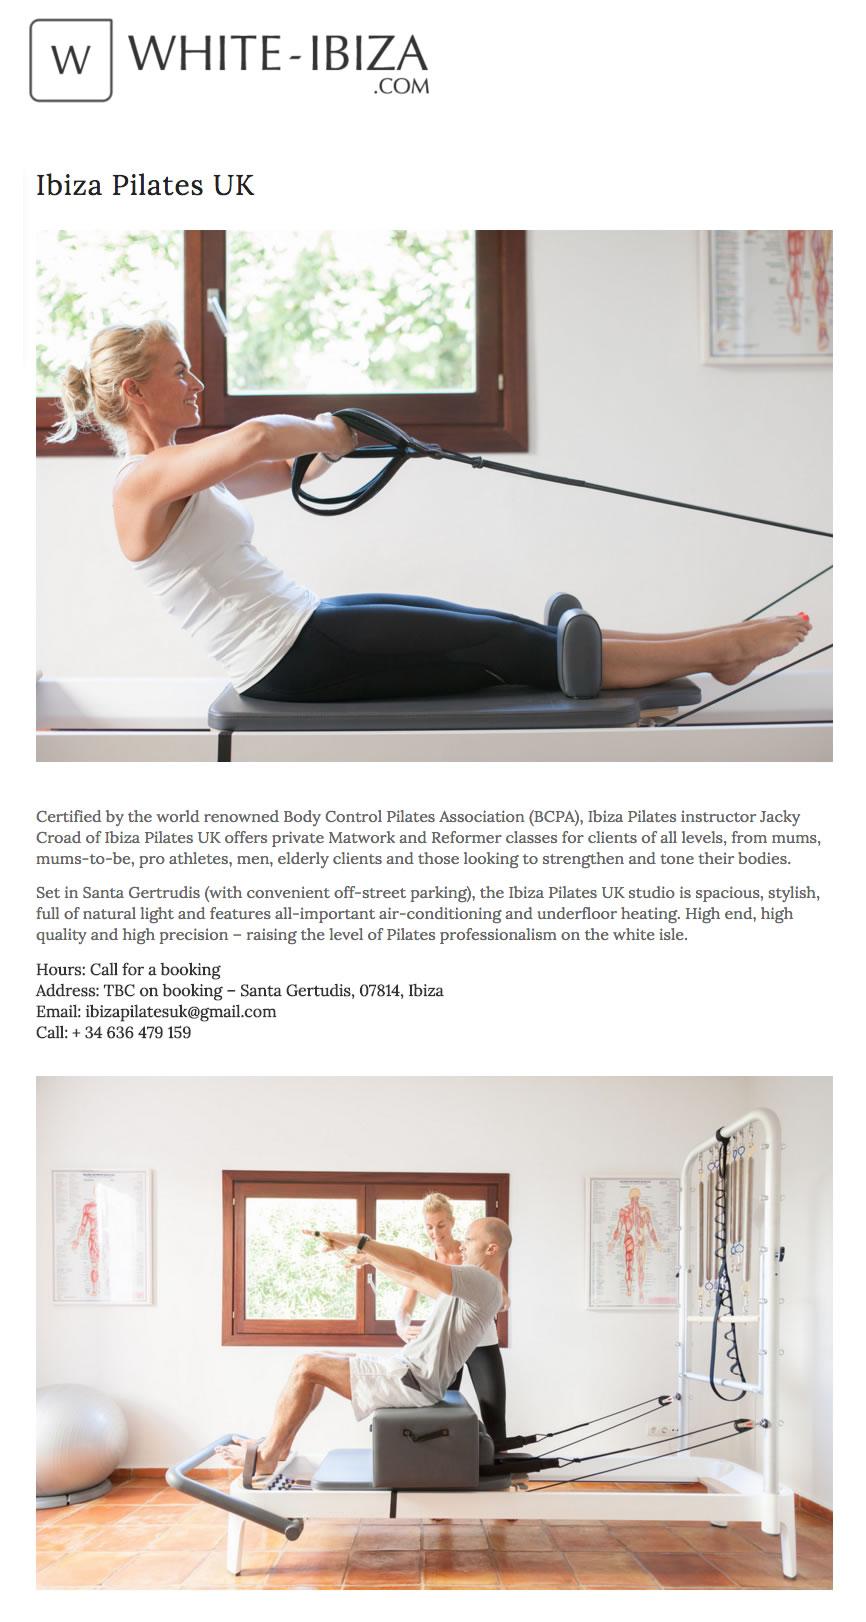 Ibiza Pilates White Ibiza